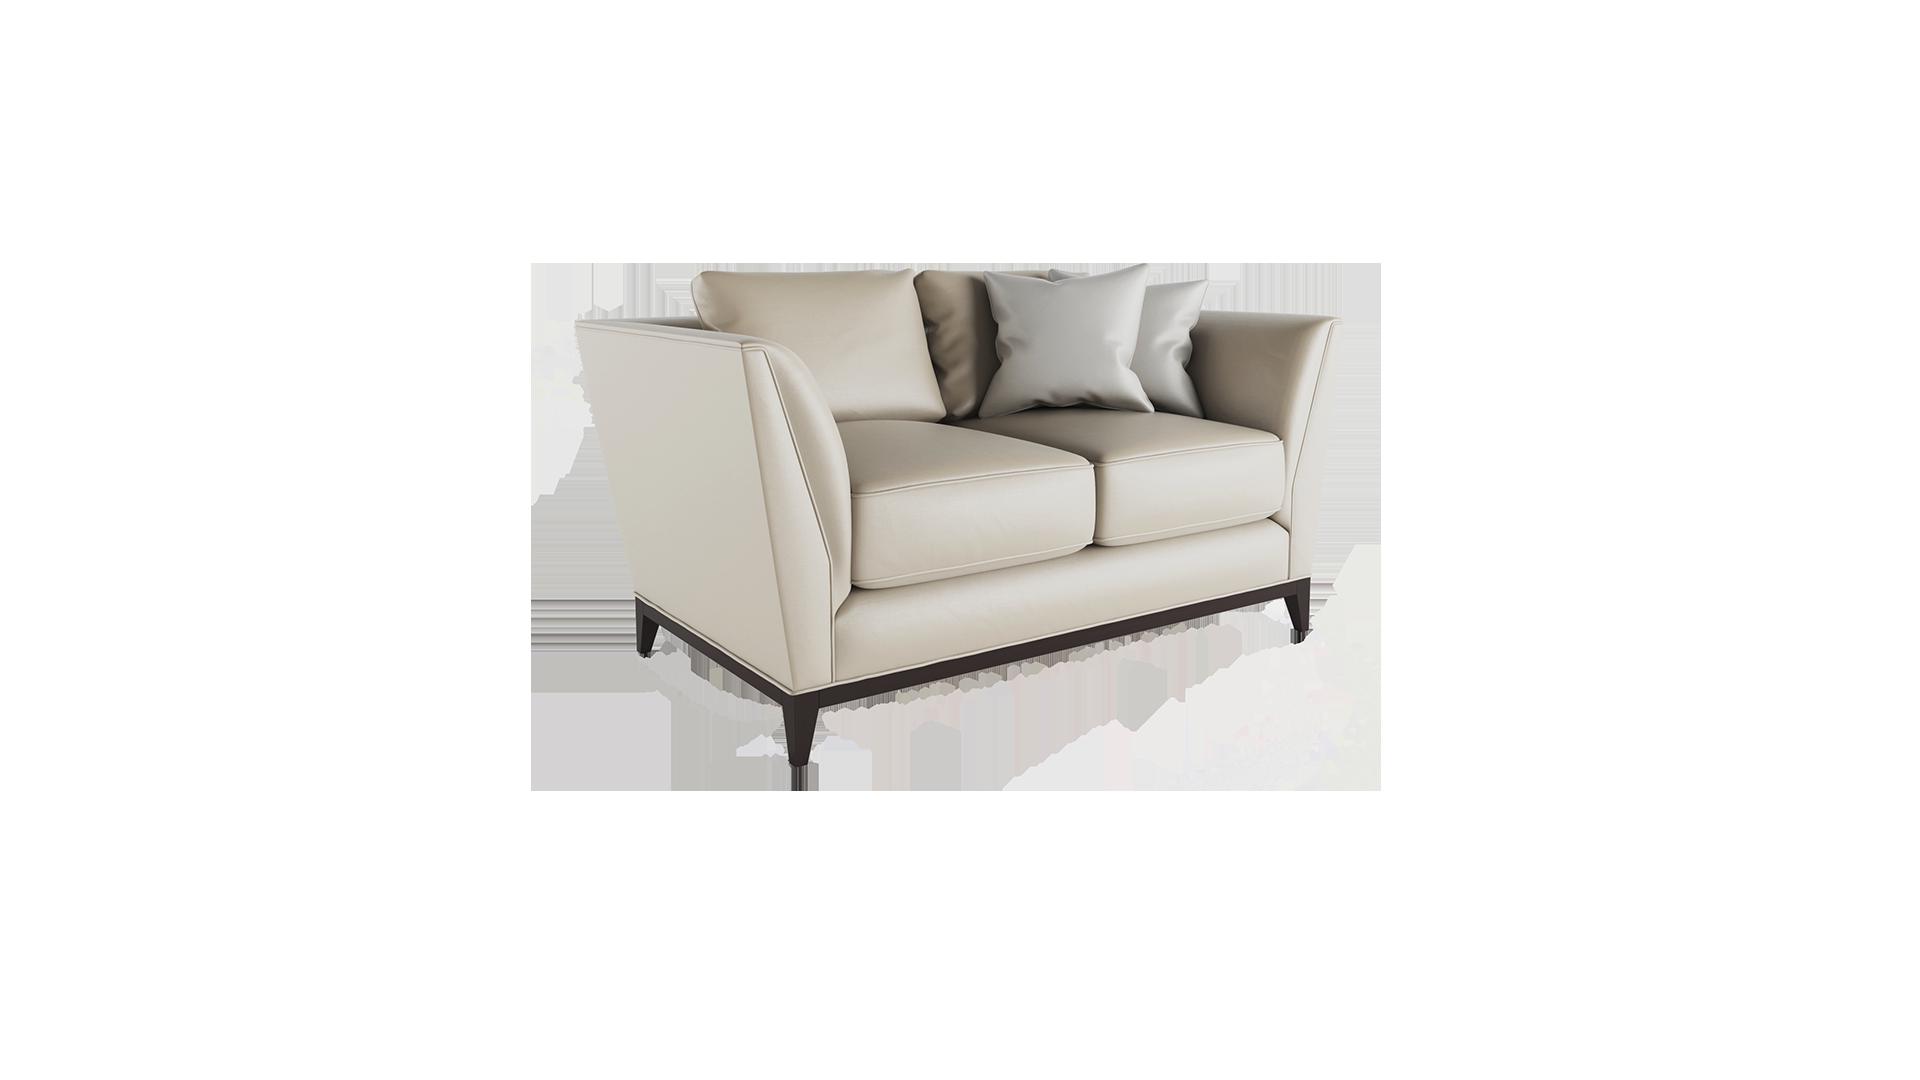 eddy sofa 160 shepelfurniture. Black Bedroom Furniture Sets. Home Design Ideas